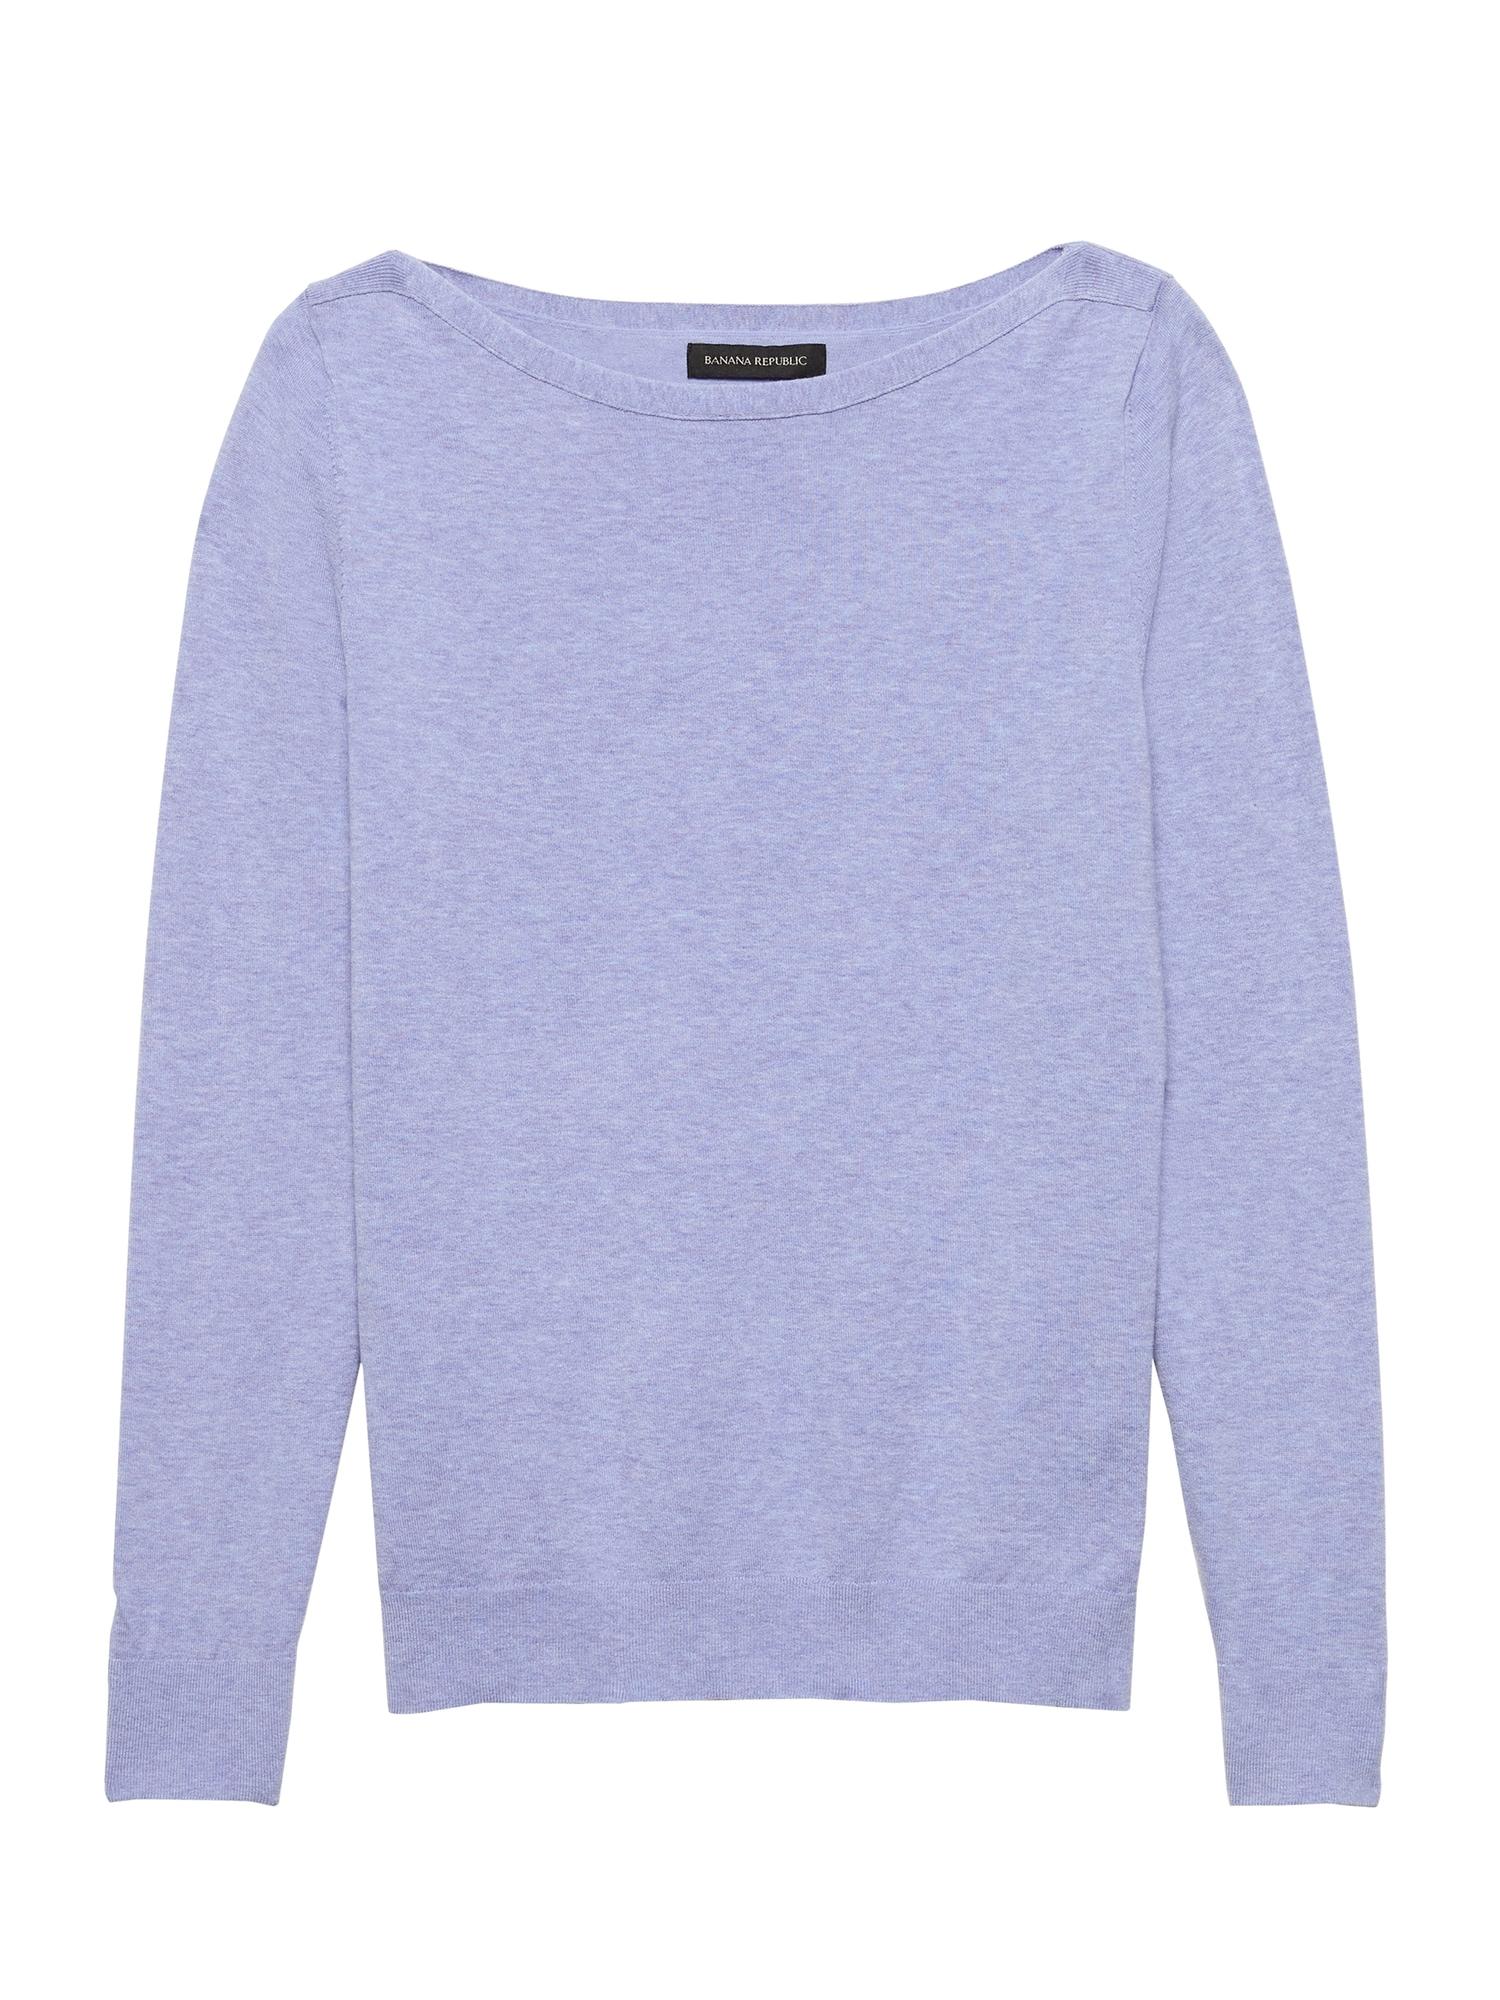 Stretch Cotton Boat-Neck Sweater  04acca51e